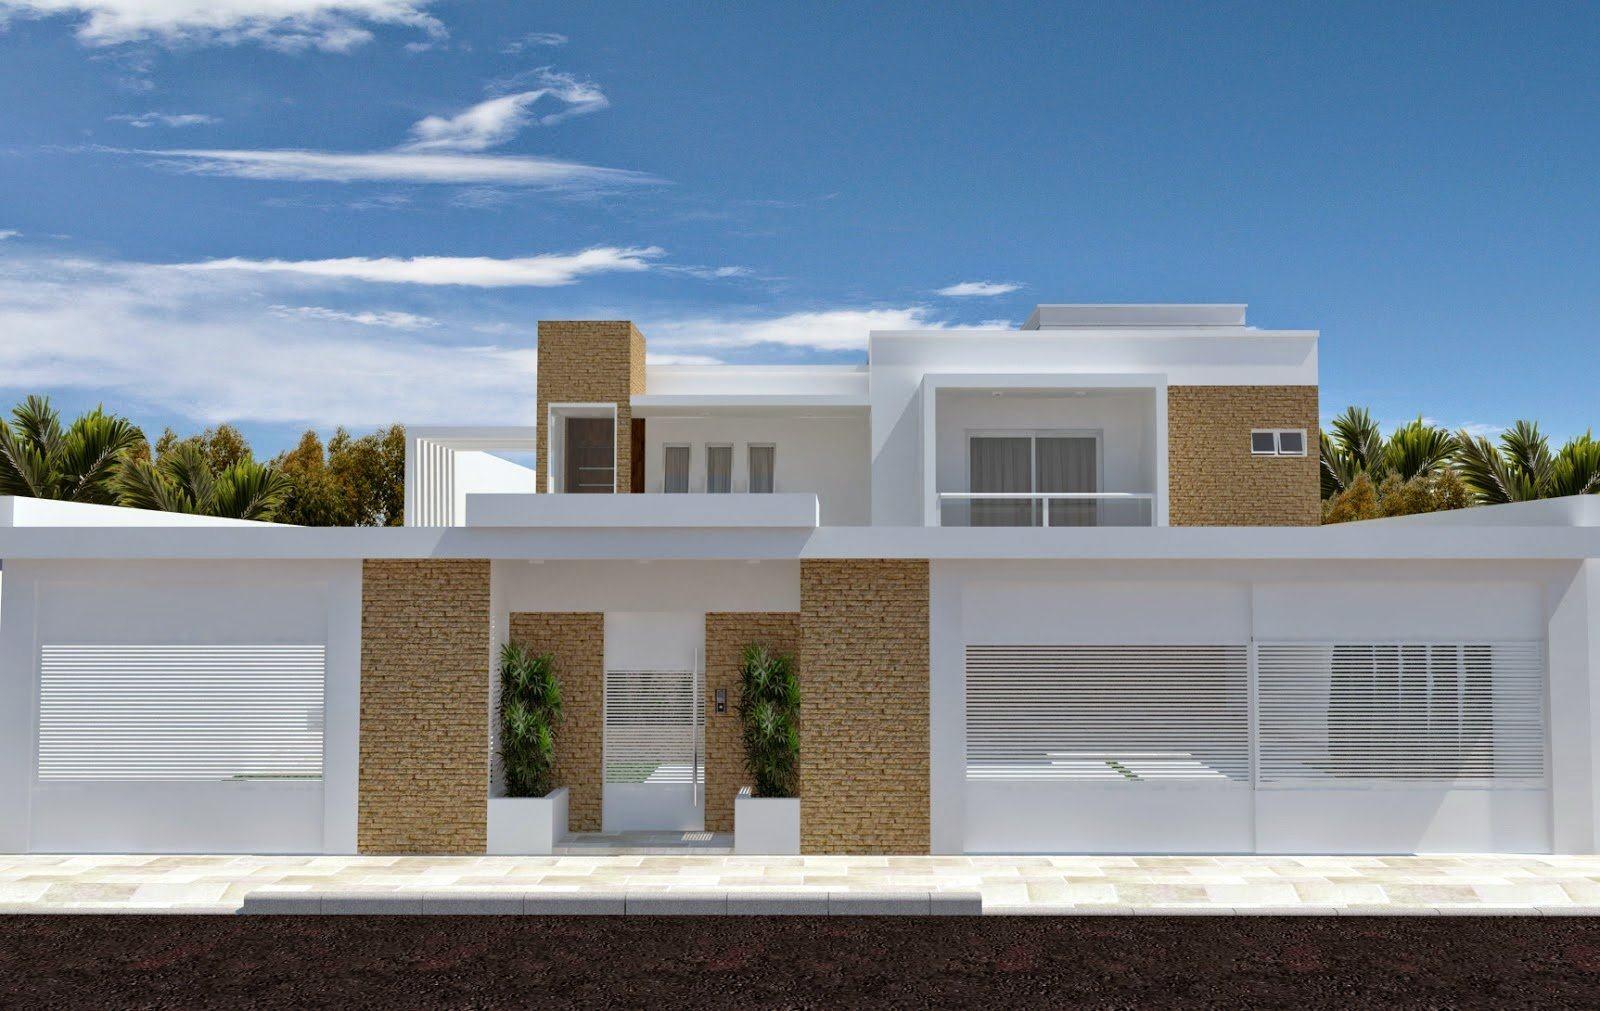 Muros de casas modernas estilos que voc vai gostar for Casa moderna en xkekos